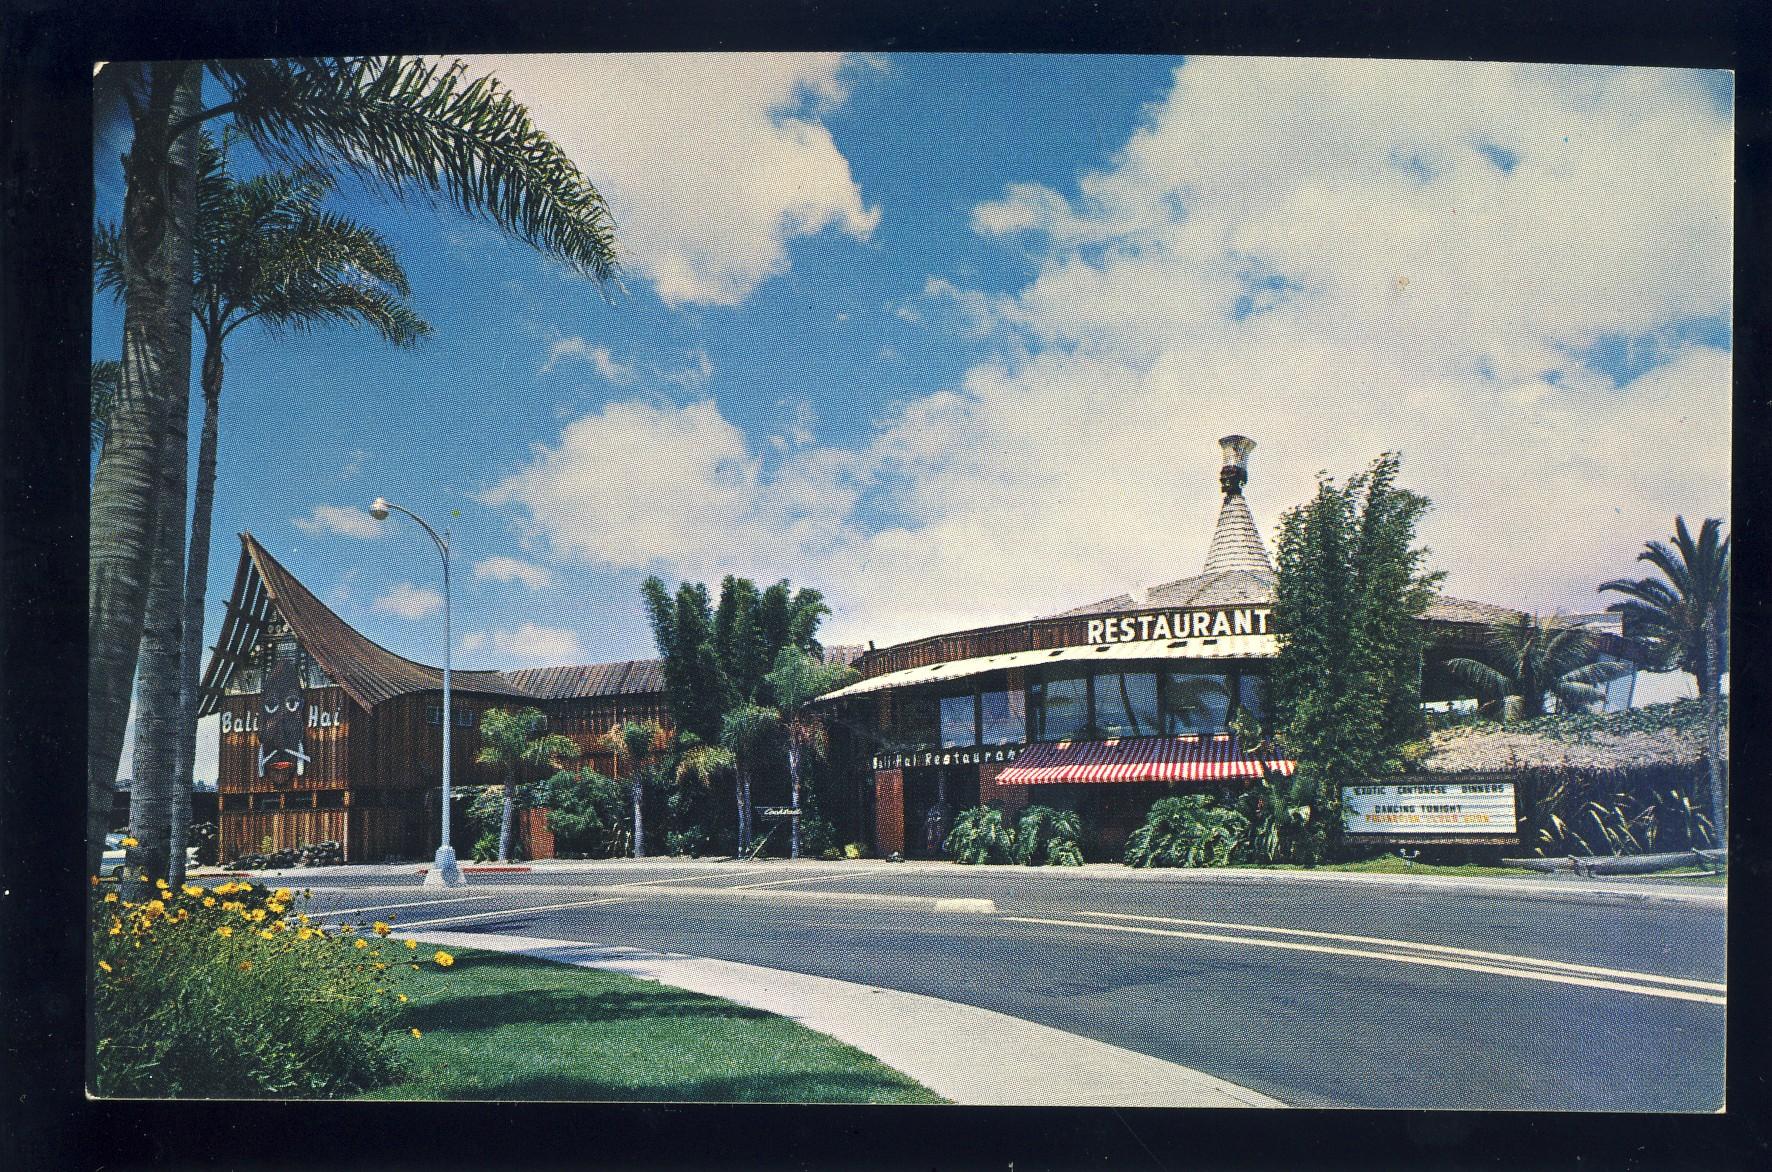 Where Is Bali Hai Island san diego, california/ca/calif postcard, bali hai restaurant